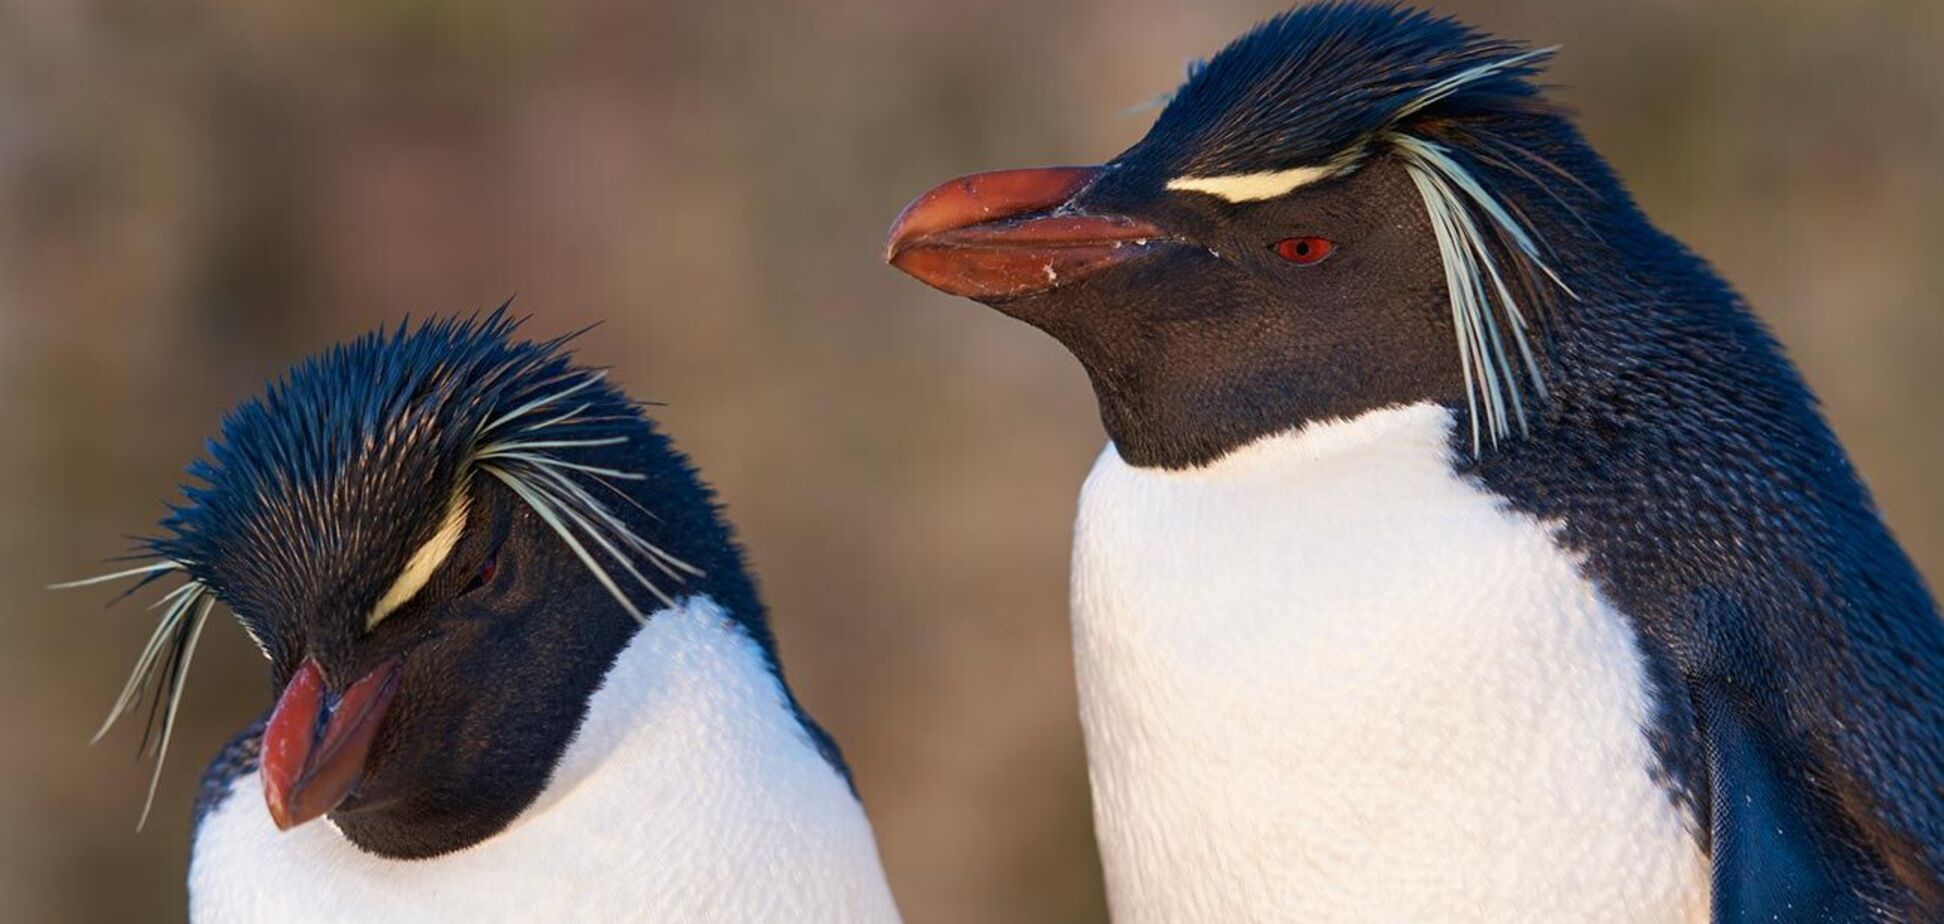 З'явилися рідкісні знімки пінгвіна яскраво-жовтого забарвлення